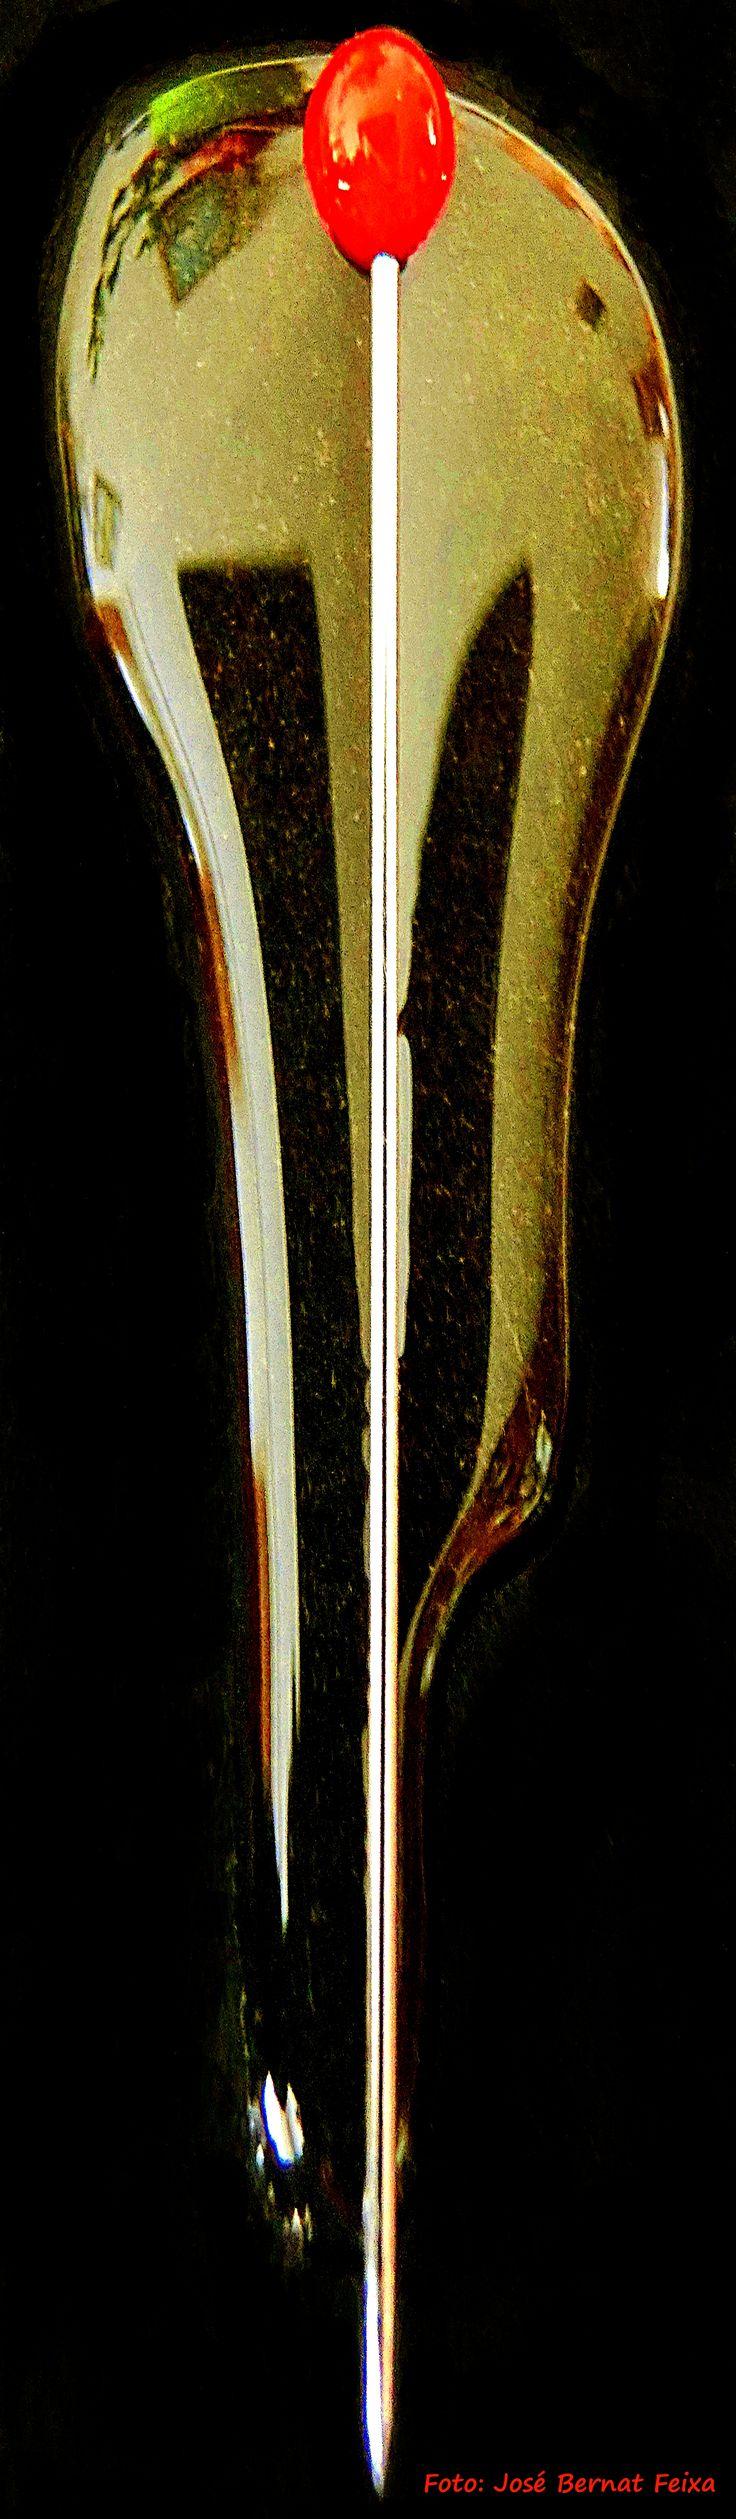 Kopspeld op honingbed (macrofoto)